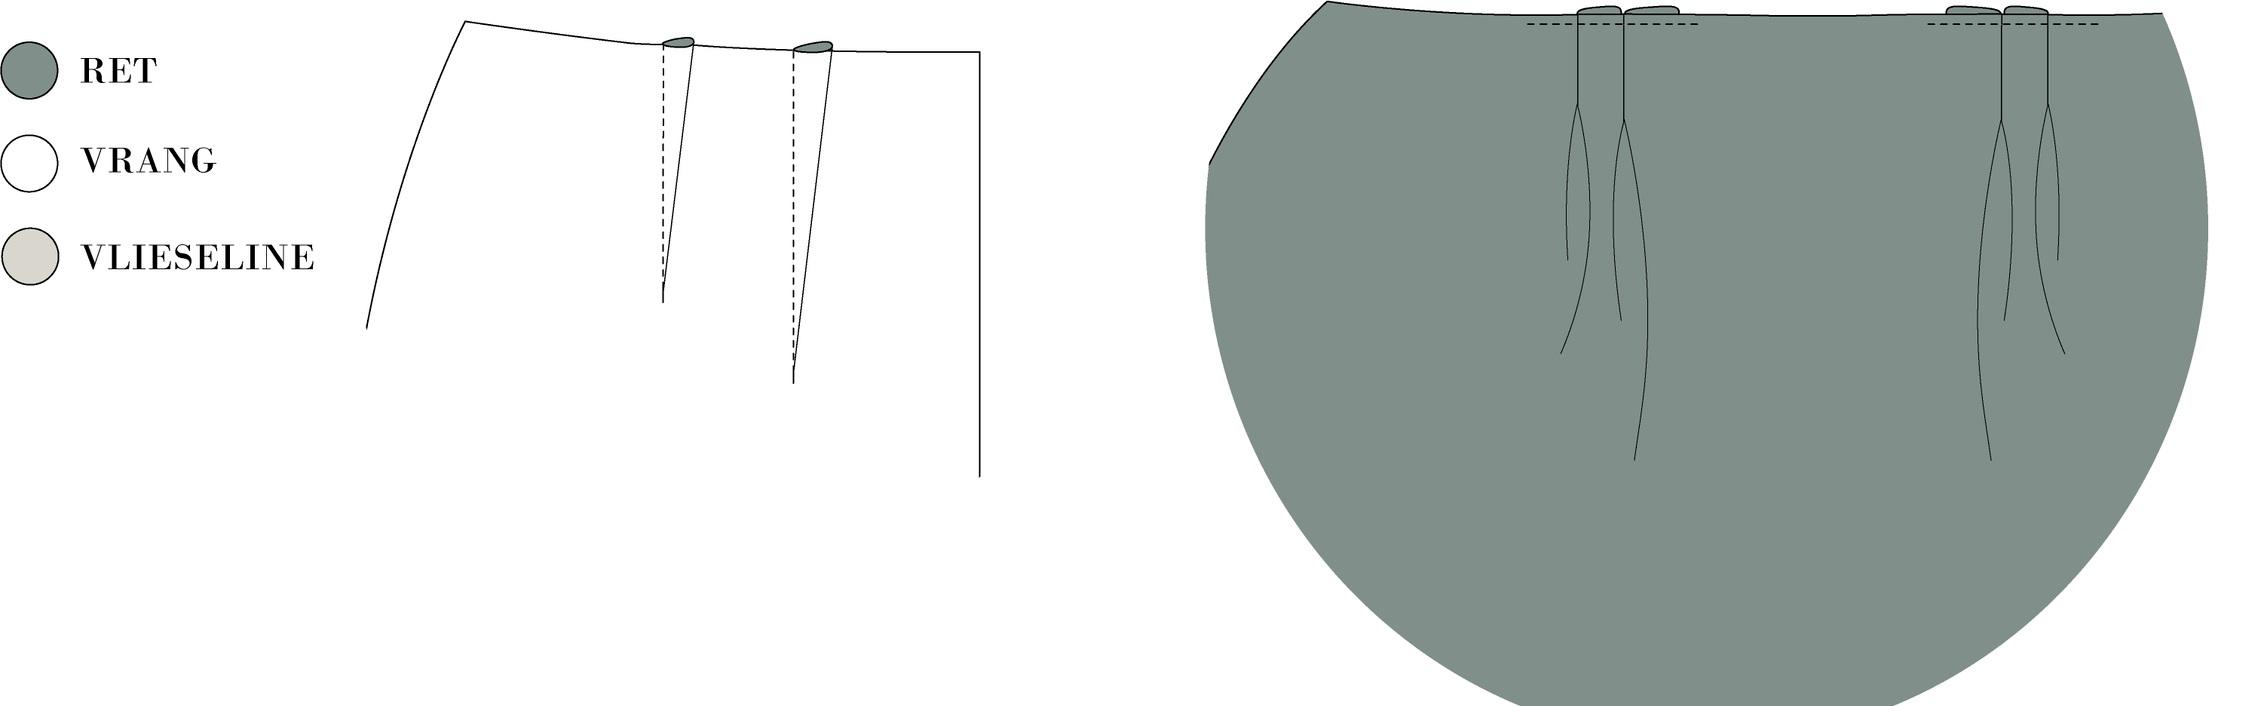 v2-2.jpg